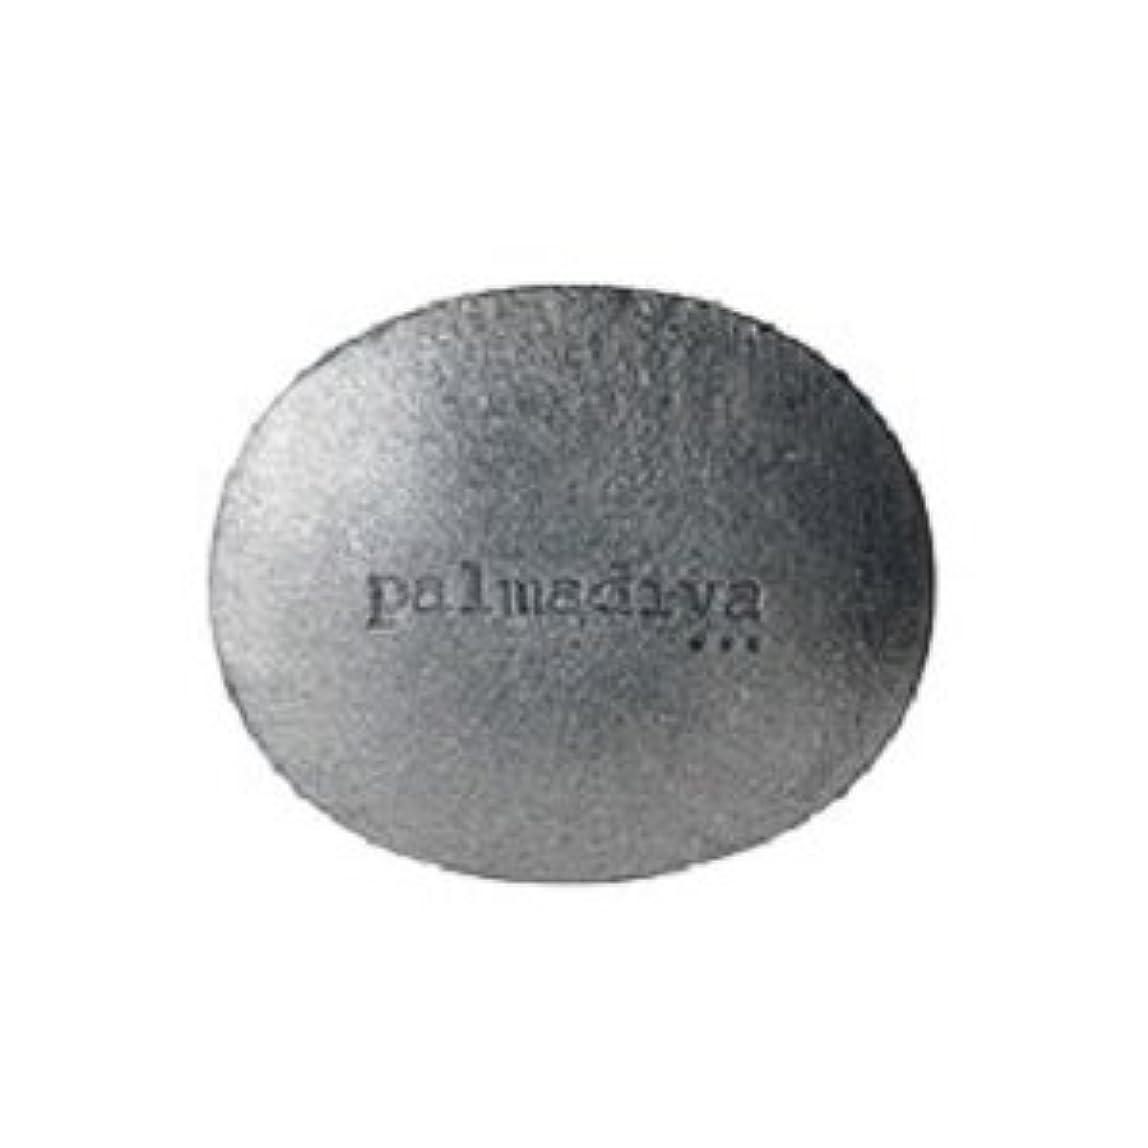 パルマディーバ リッチソープ 85g